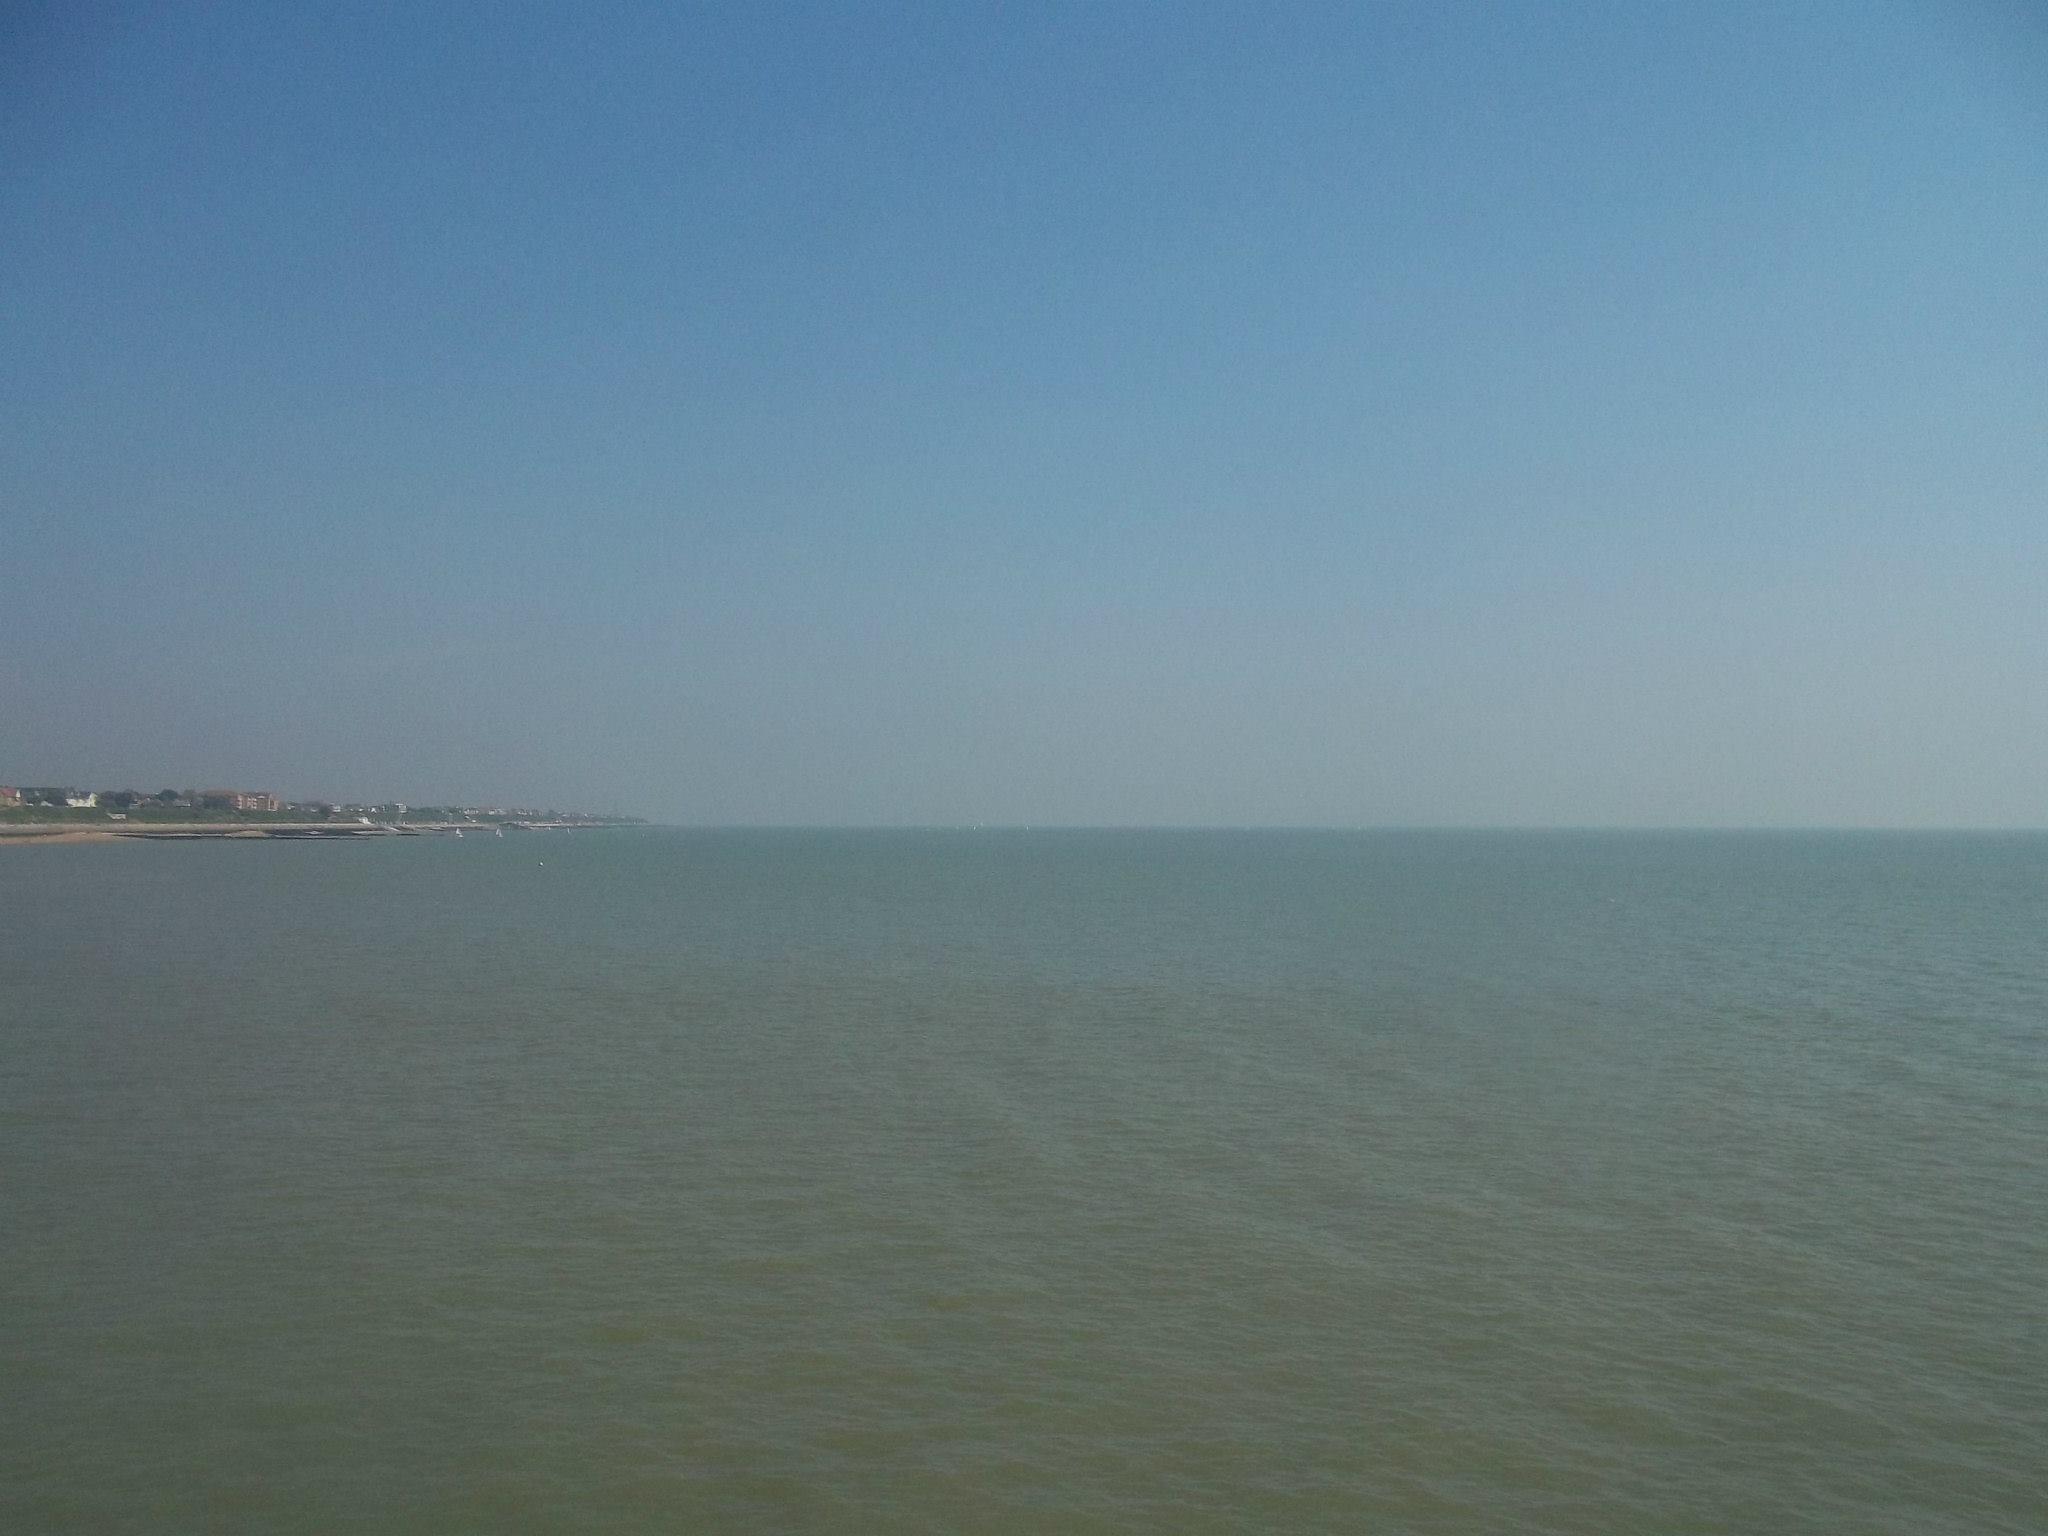 seaside2 by gillian.burden